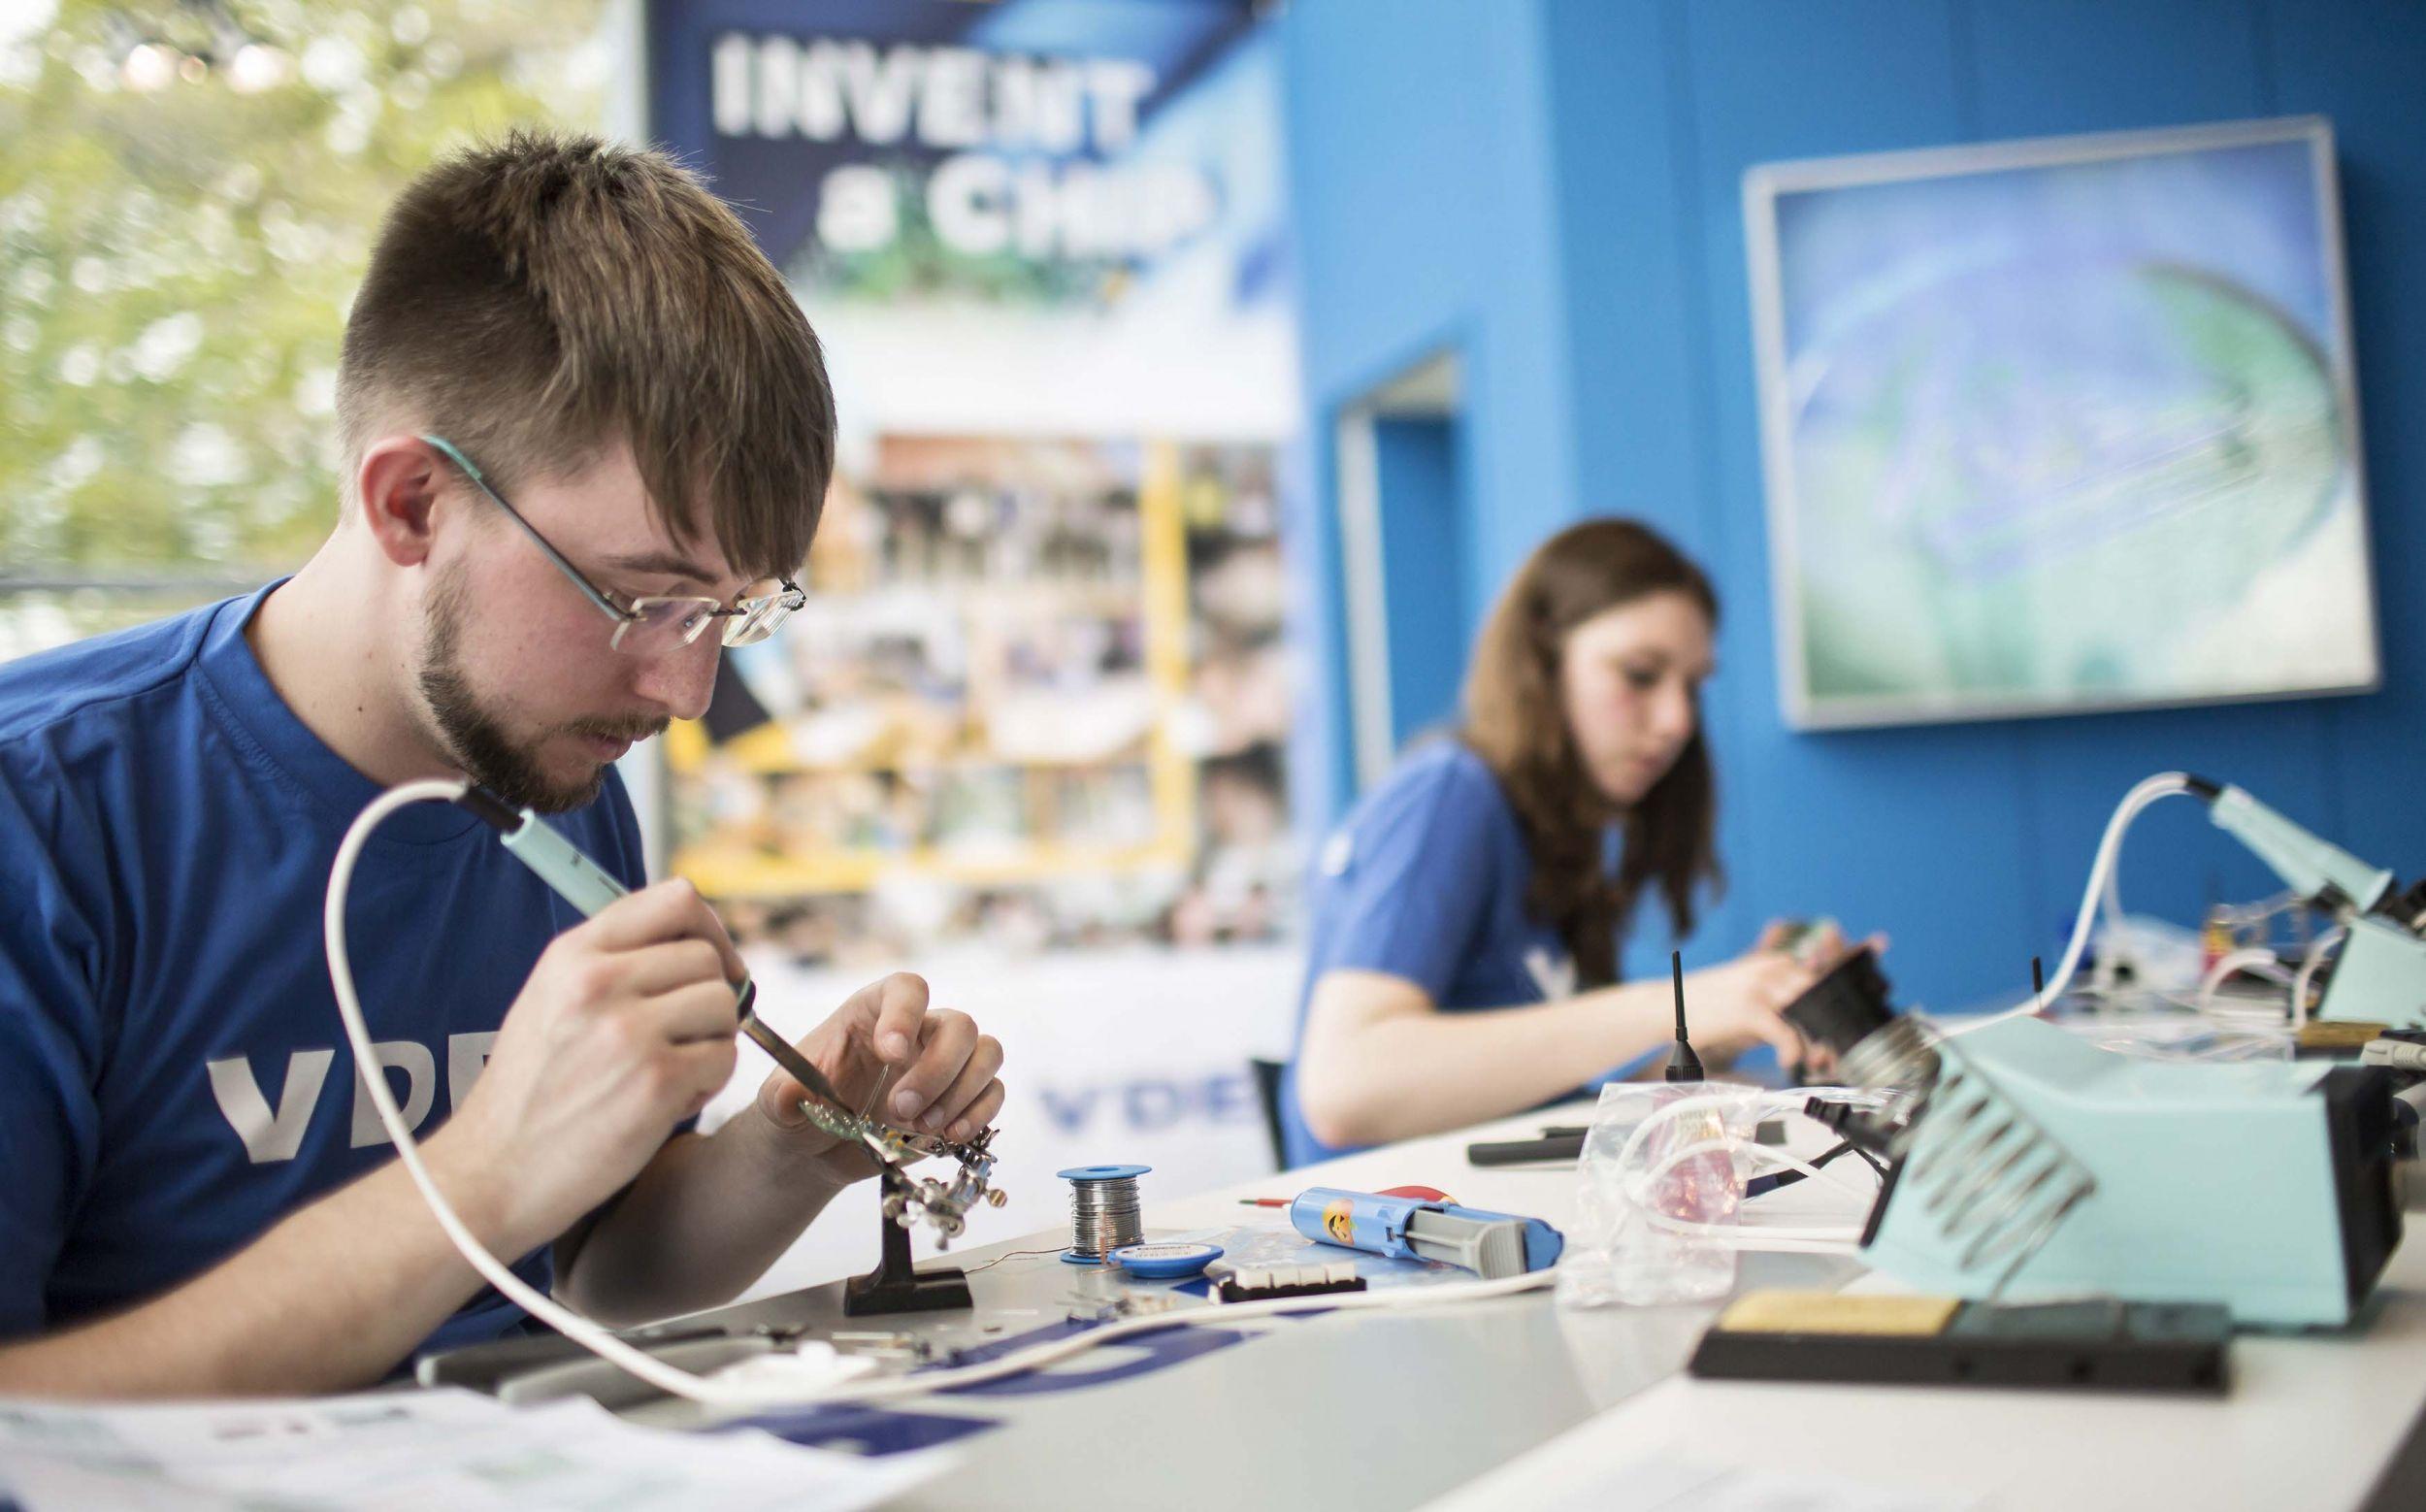 Studie: Elektroingenieure haben die Qual der (Berufs-)Wahl